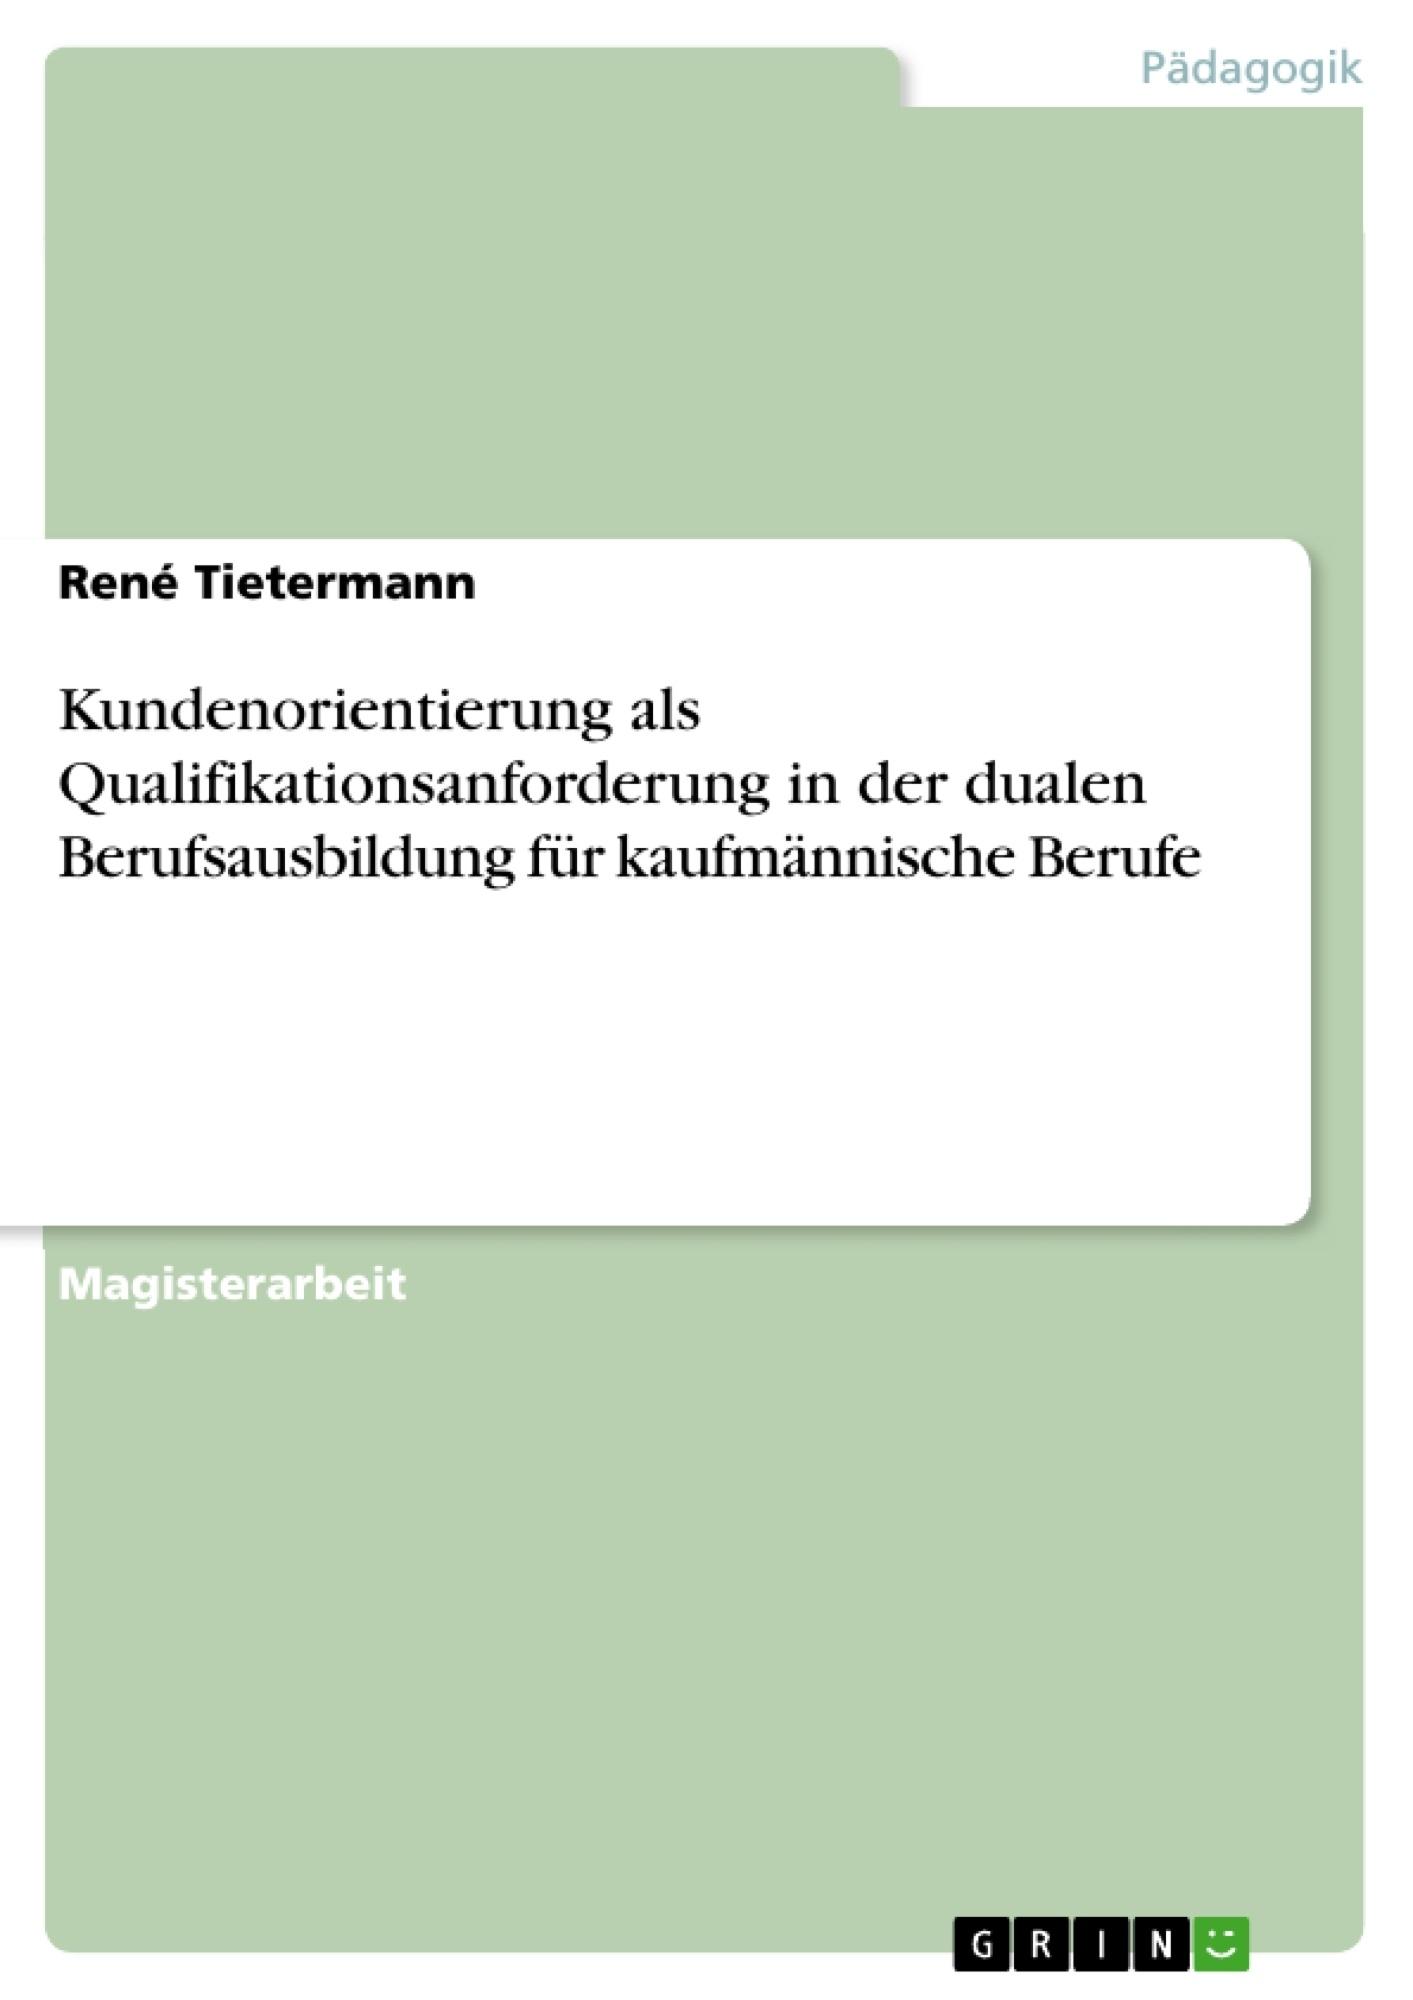 Titel: Kundenorientierung als Qualifikationsanforderung in der dualen Berufsausbildung für kaufmännische Berufe